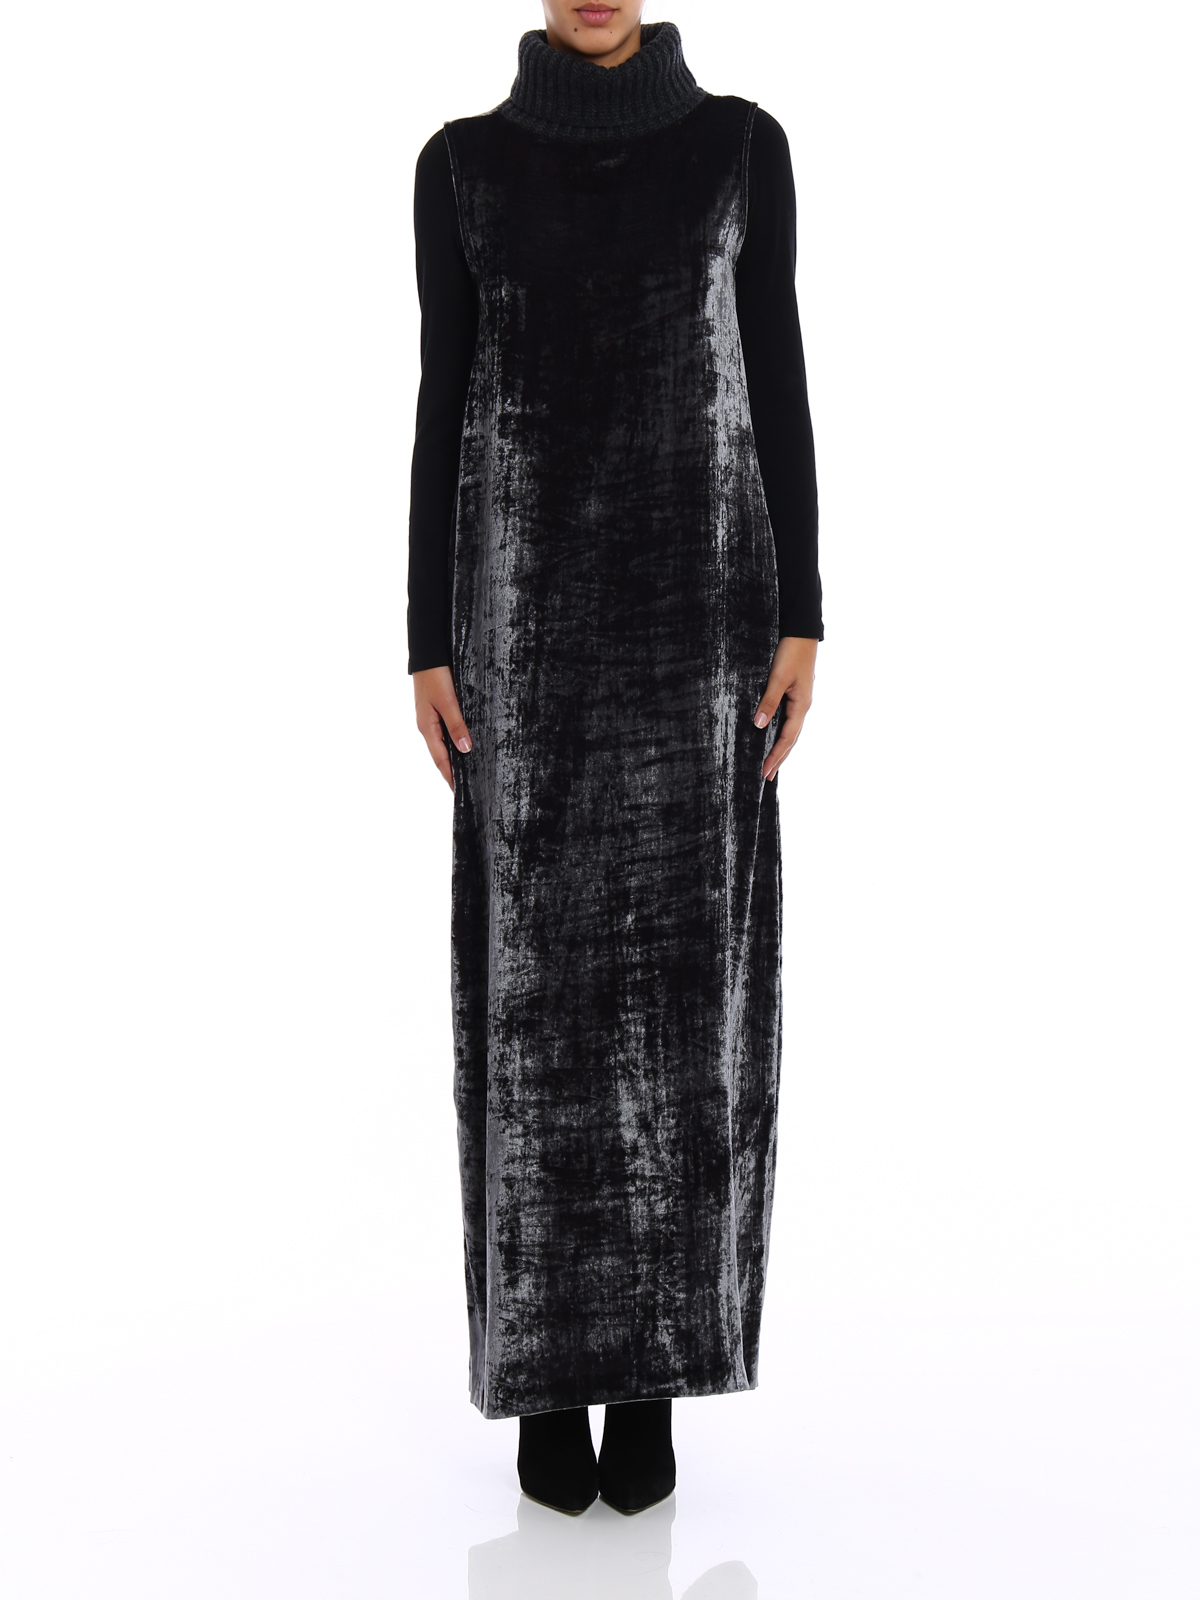 buy online 65570 2832e Fabiana Filippi - Abito in velluto colletto in maglia ...